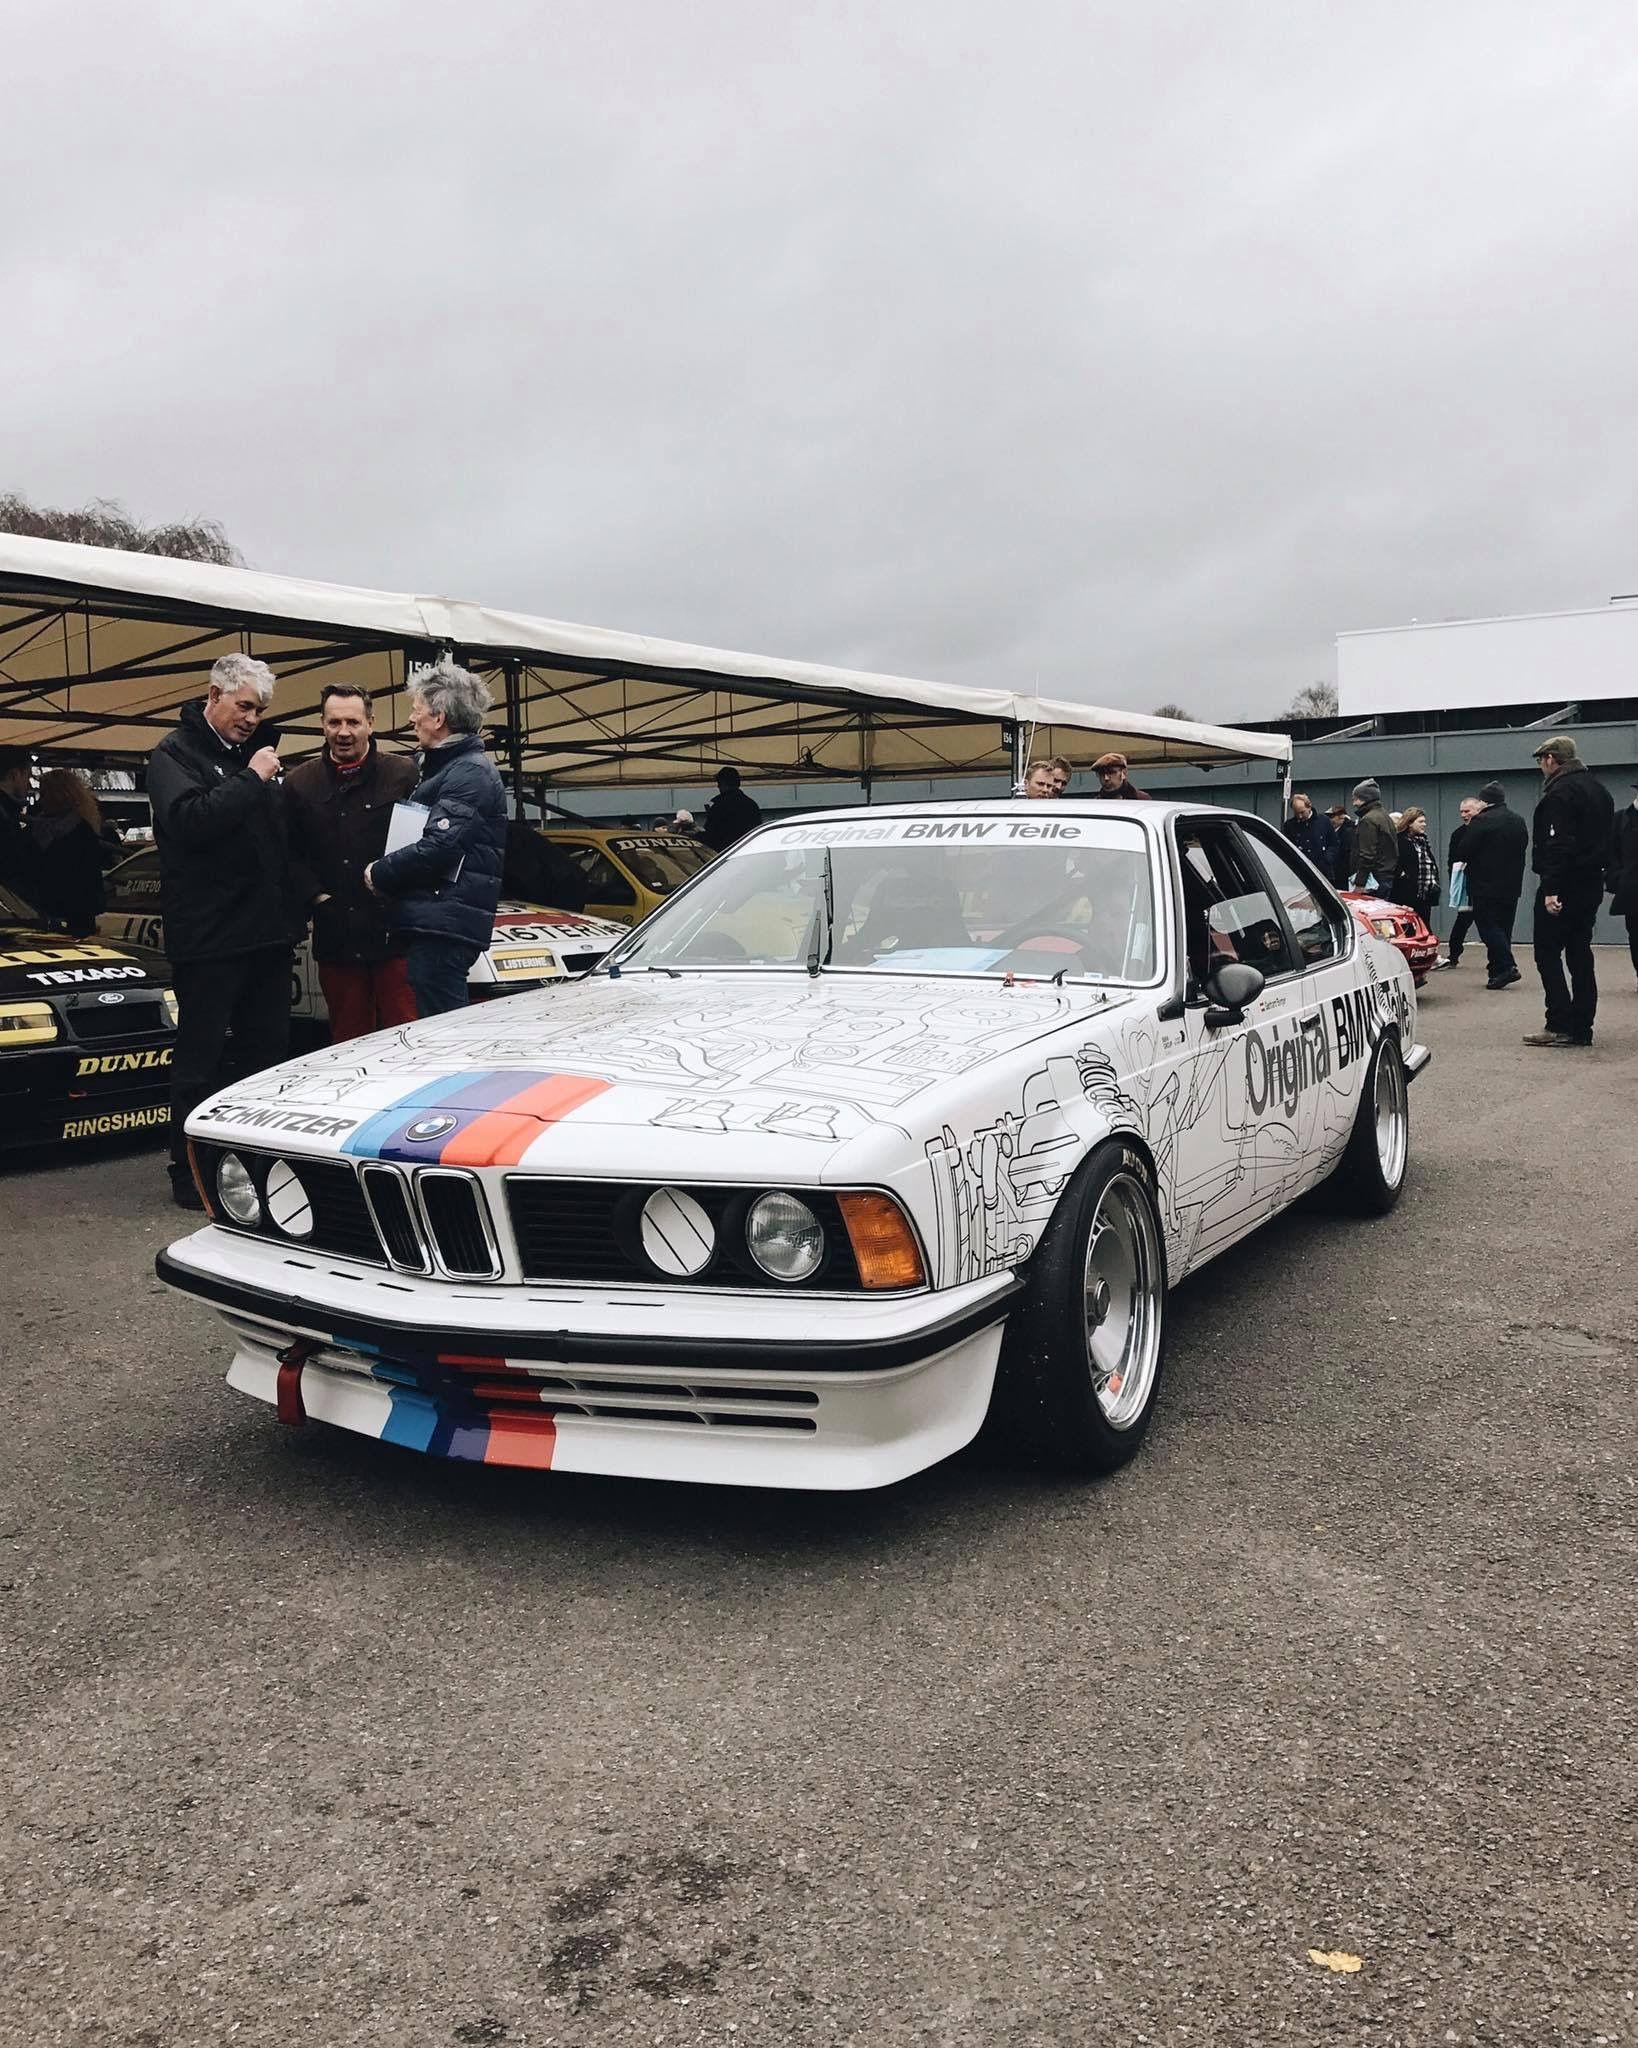 M6 track car BMW E24 6 Series Bmw e24, Bmw alpina, Bmw